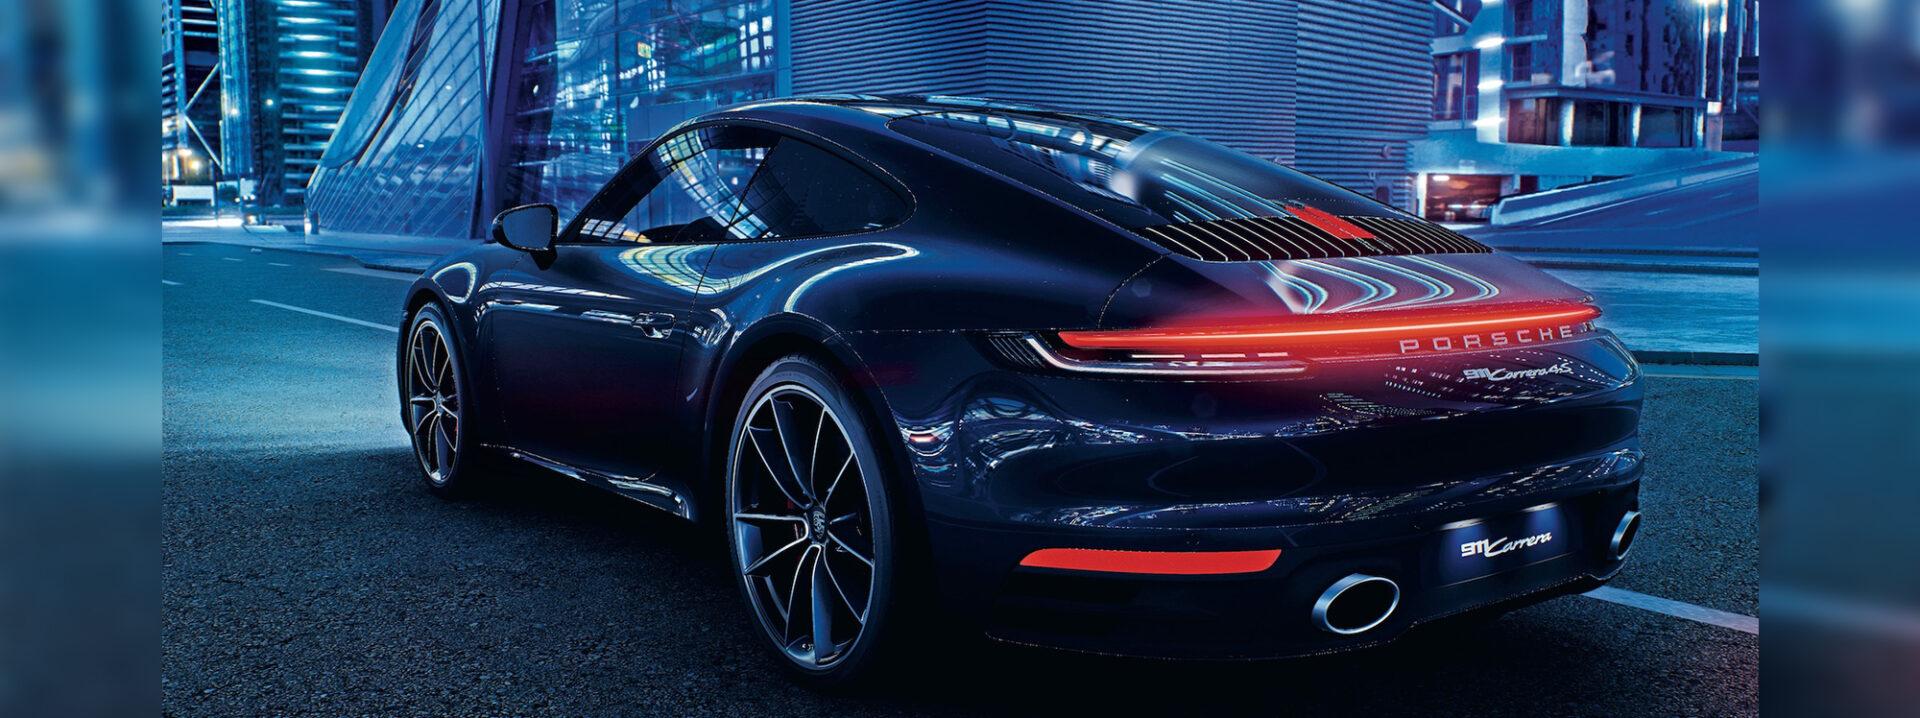 Porsche y el software de Fortnite unen fuerzas para mejorar la experiencia de compra